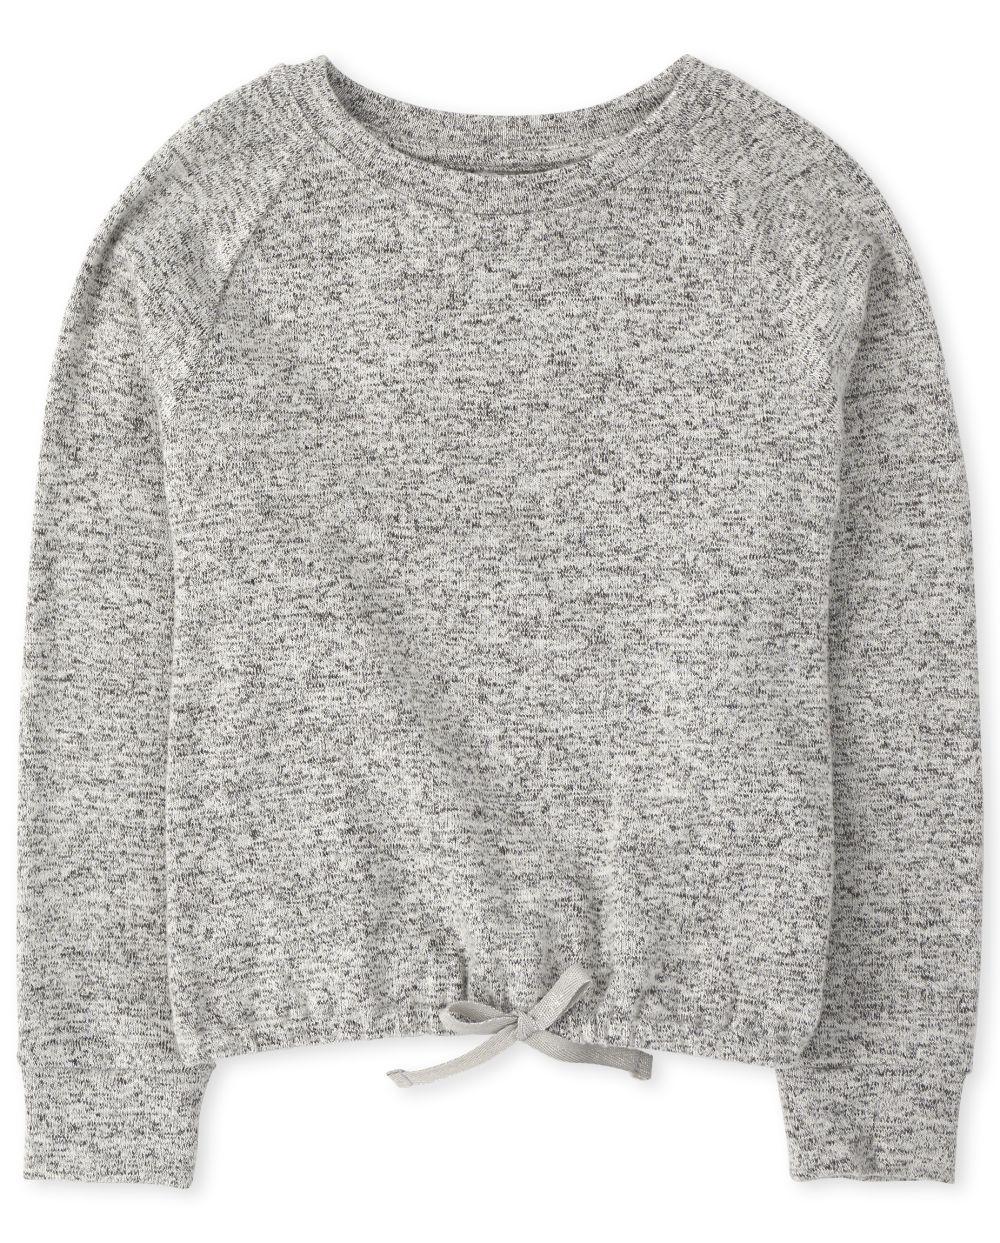 Top de suéter ligero delantero con lazo activo para niñas